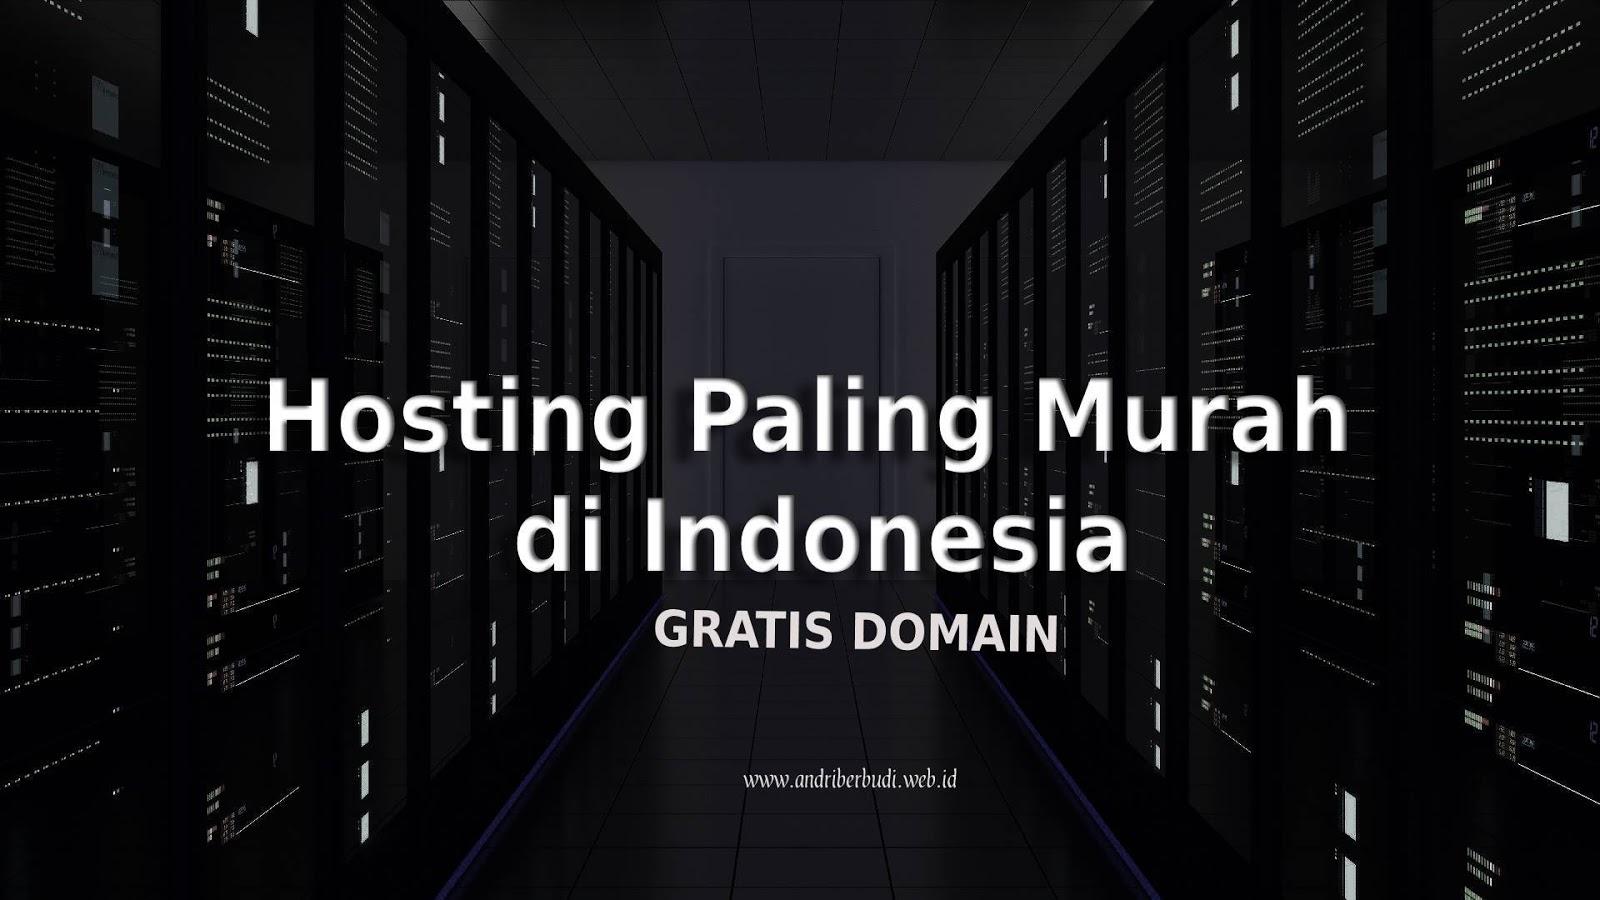 Hosting Paling Murah di Indonesia dan Gratis Domain